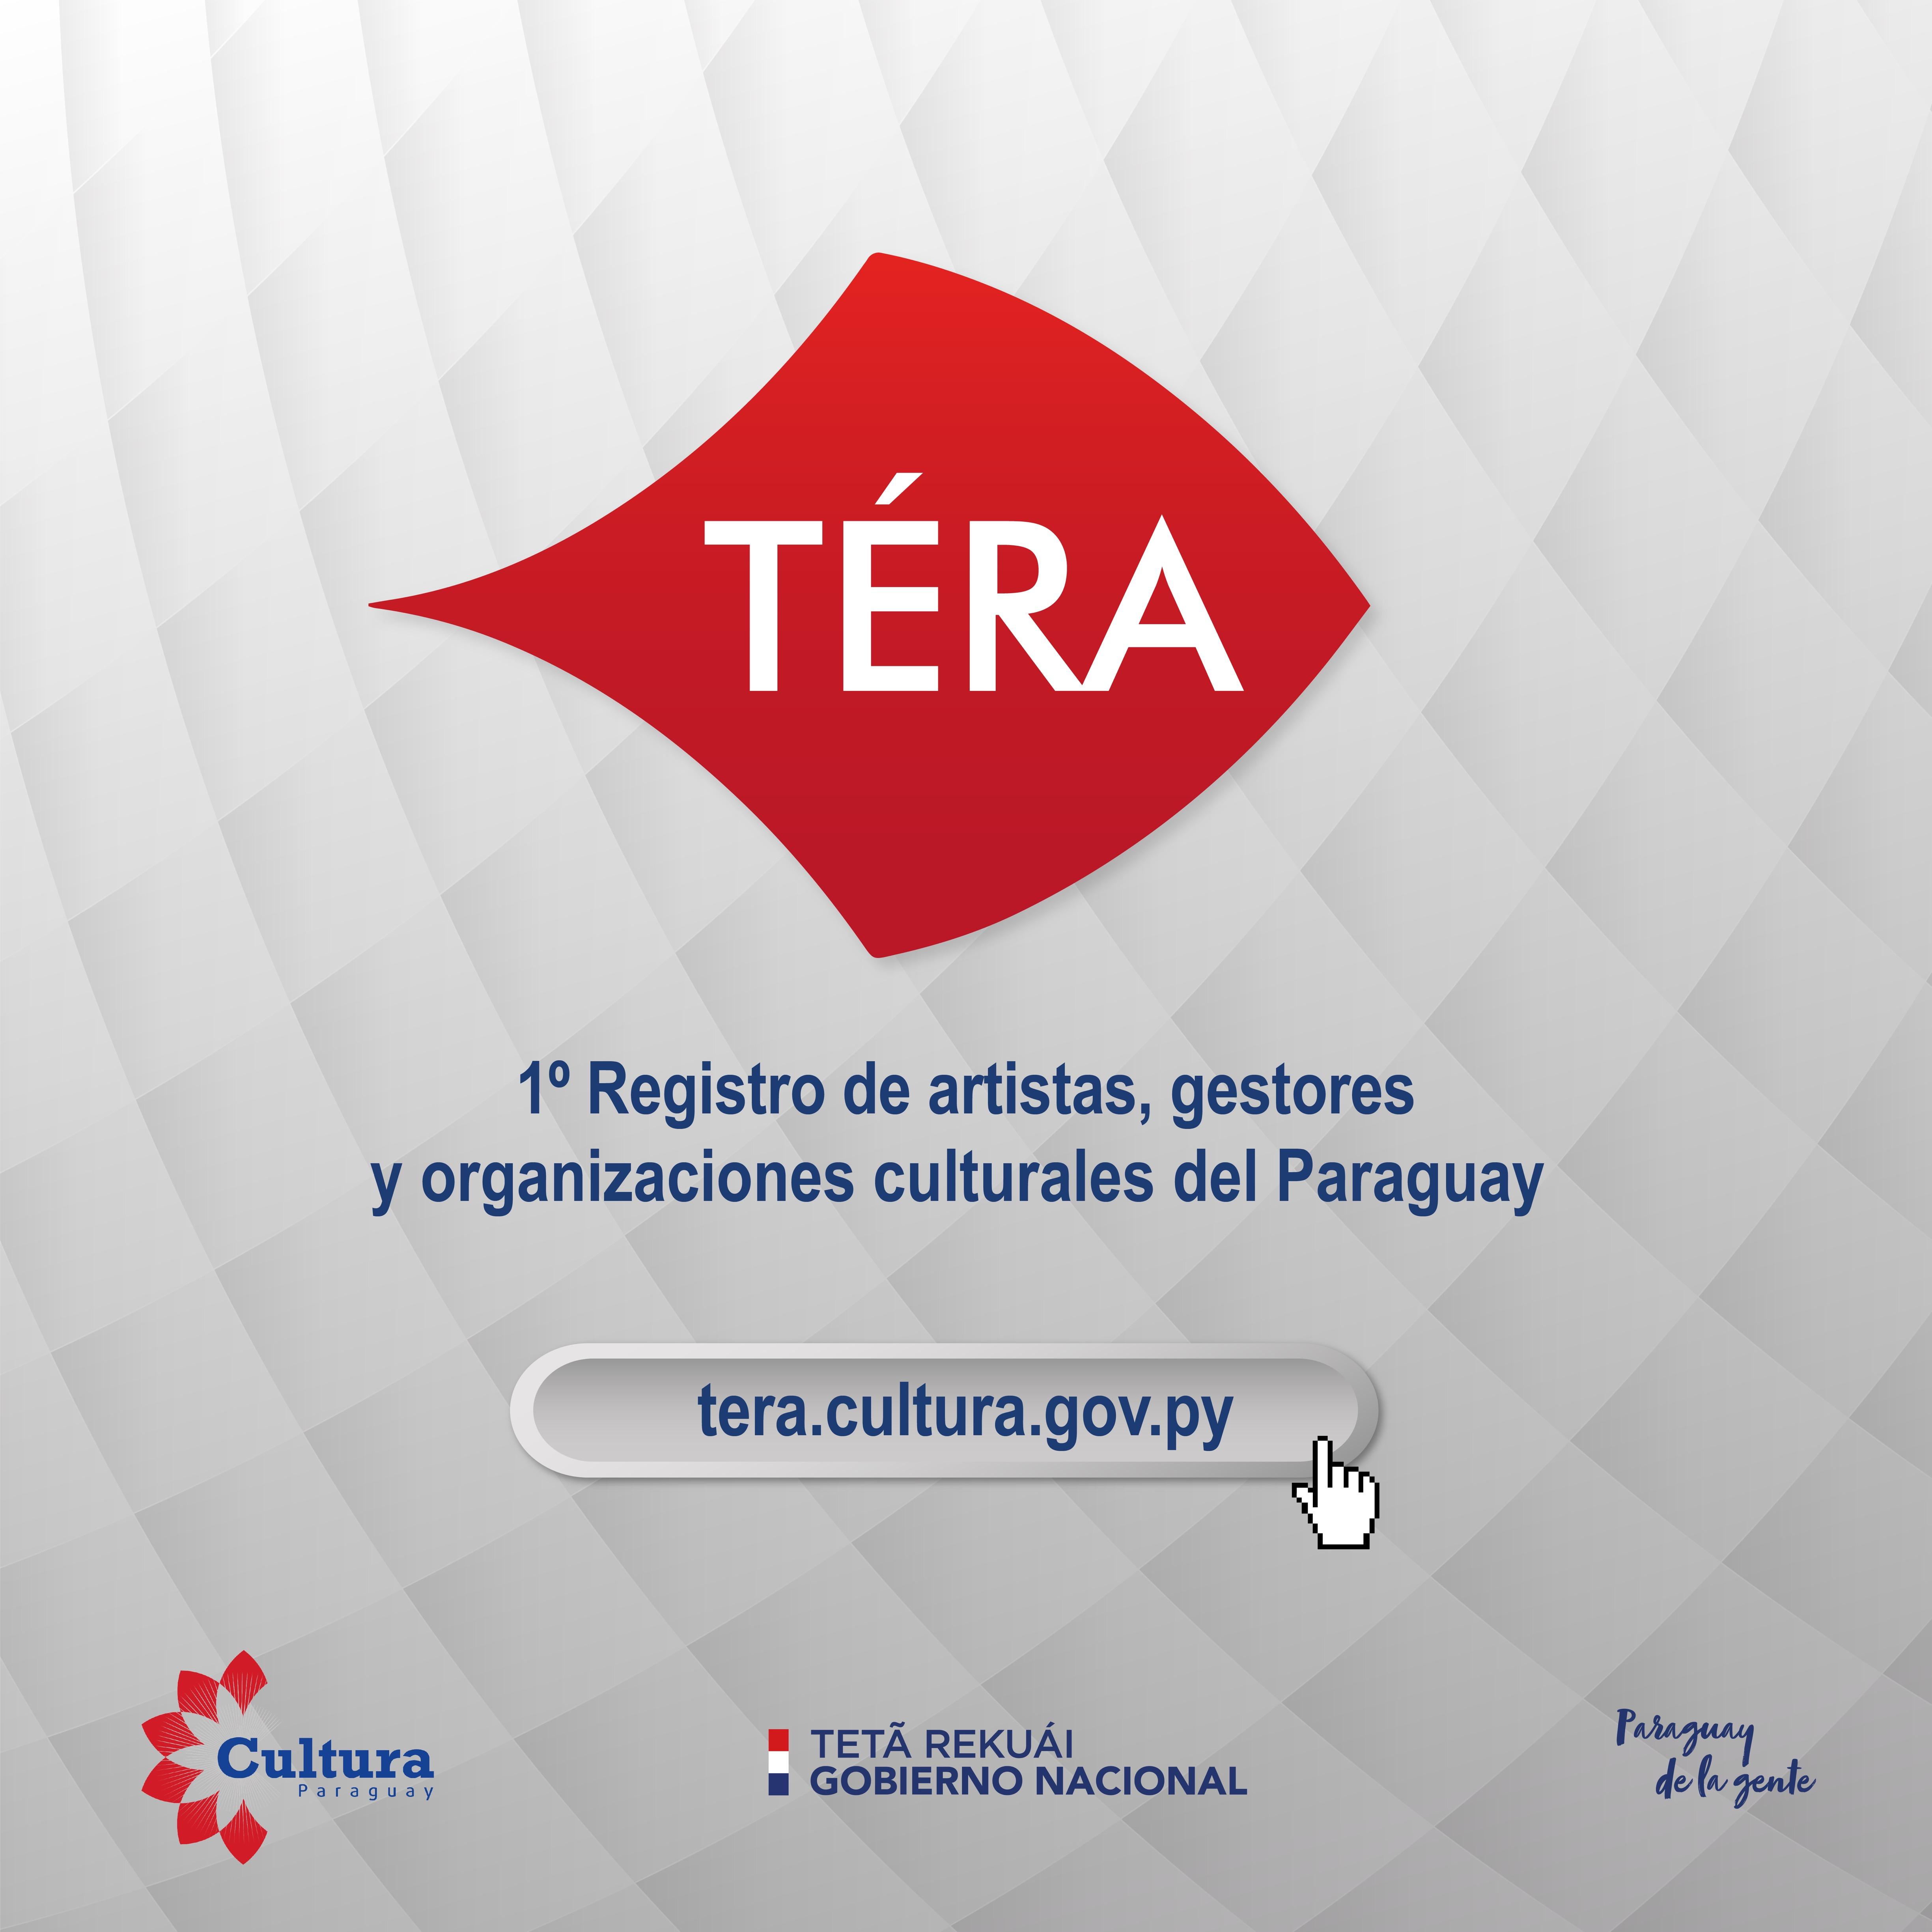 La SNC habilita TÉRA, el registro de artistas, gestores y organizaciones culturales del Paraguay imagen